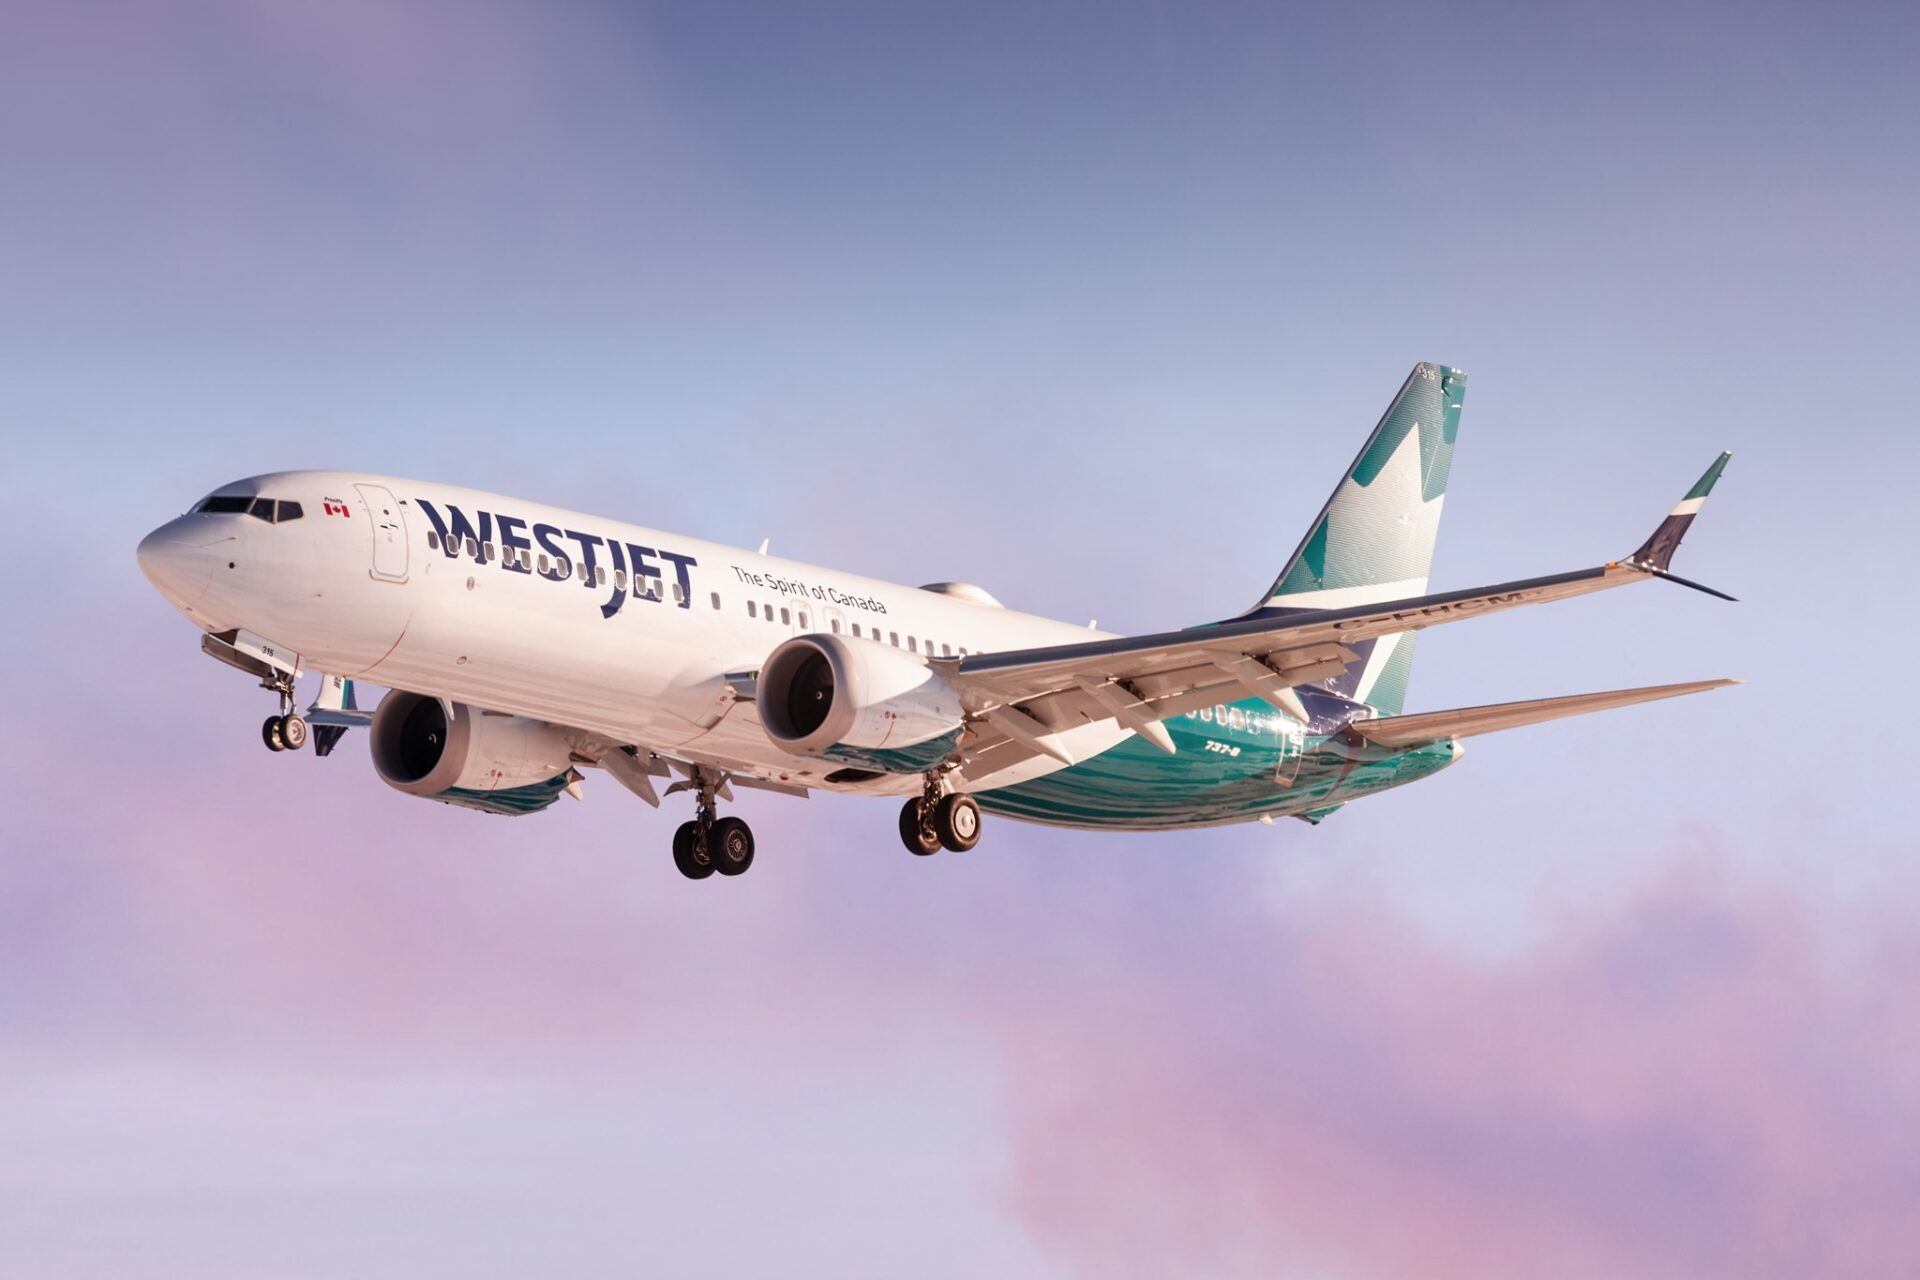 westjet-canada-flight-belize-nonstop